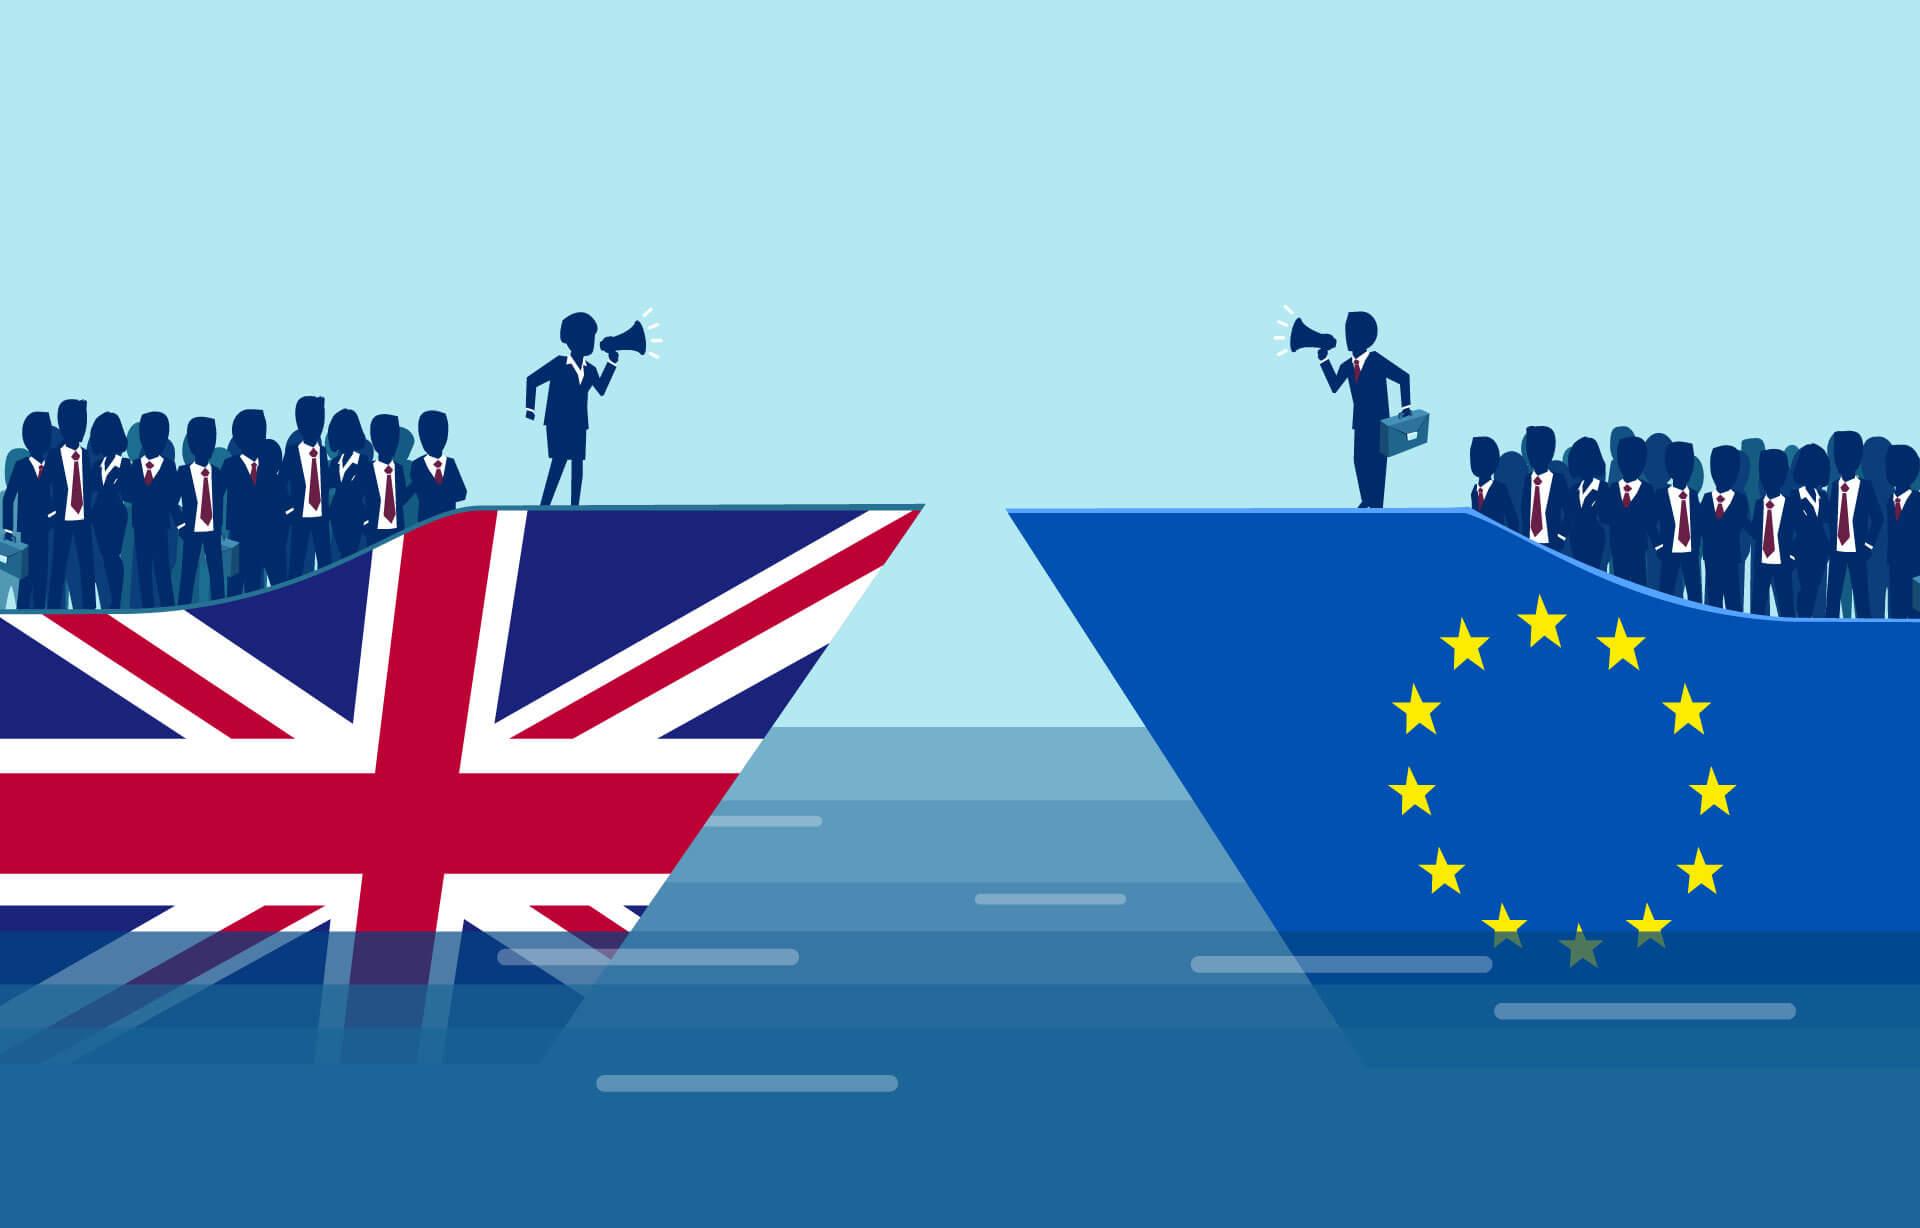 Ώρα… διαζυγίου για Ηνωμένο Βασίλειο και ΕΕ – Τι ισχύει για τους Έλληνες εργαζόμενους